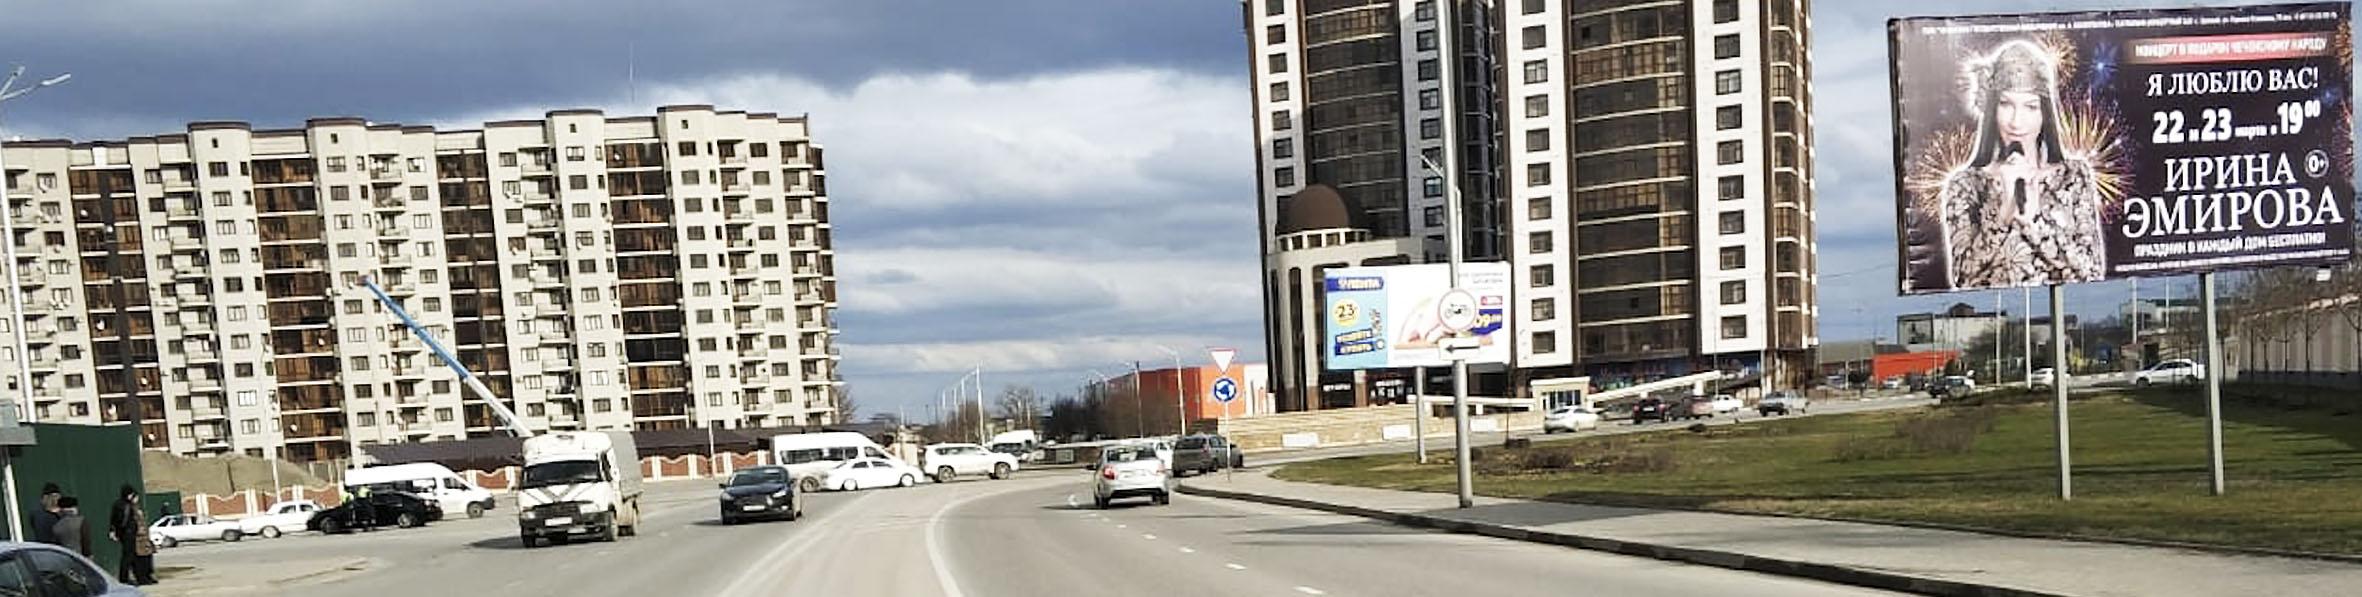 Реклама в Грозном на билбордах аренда